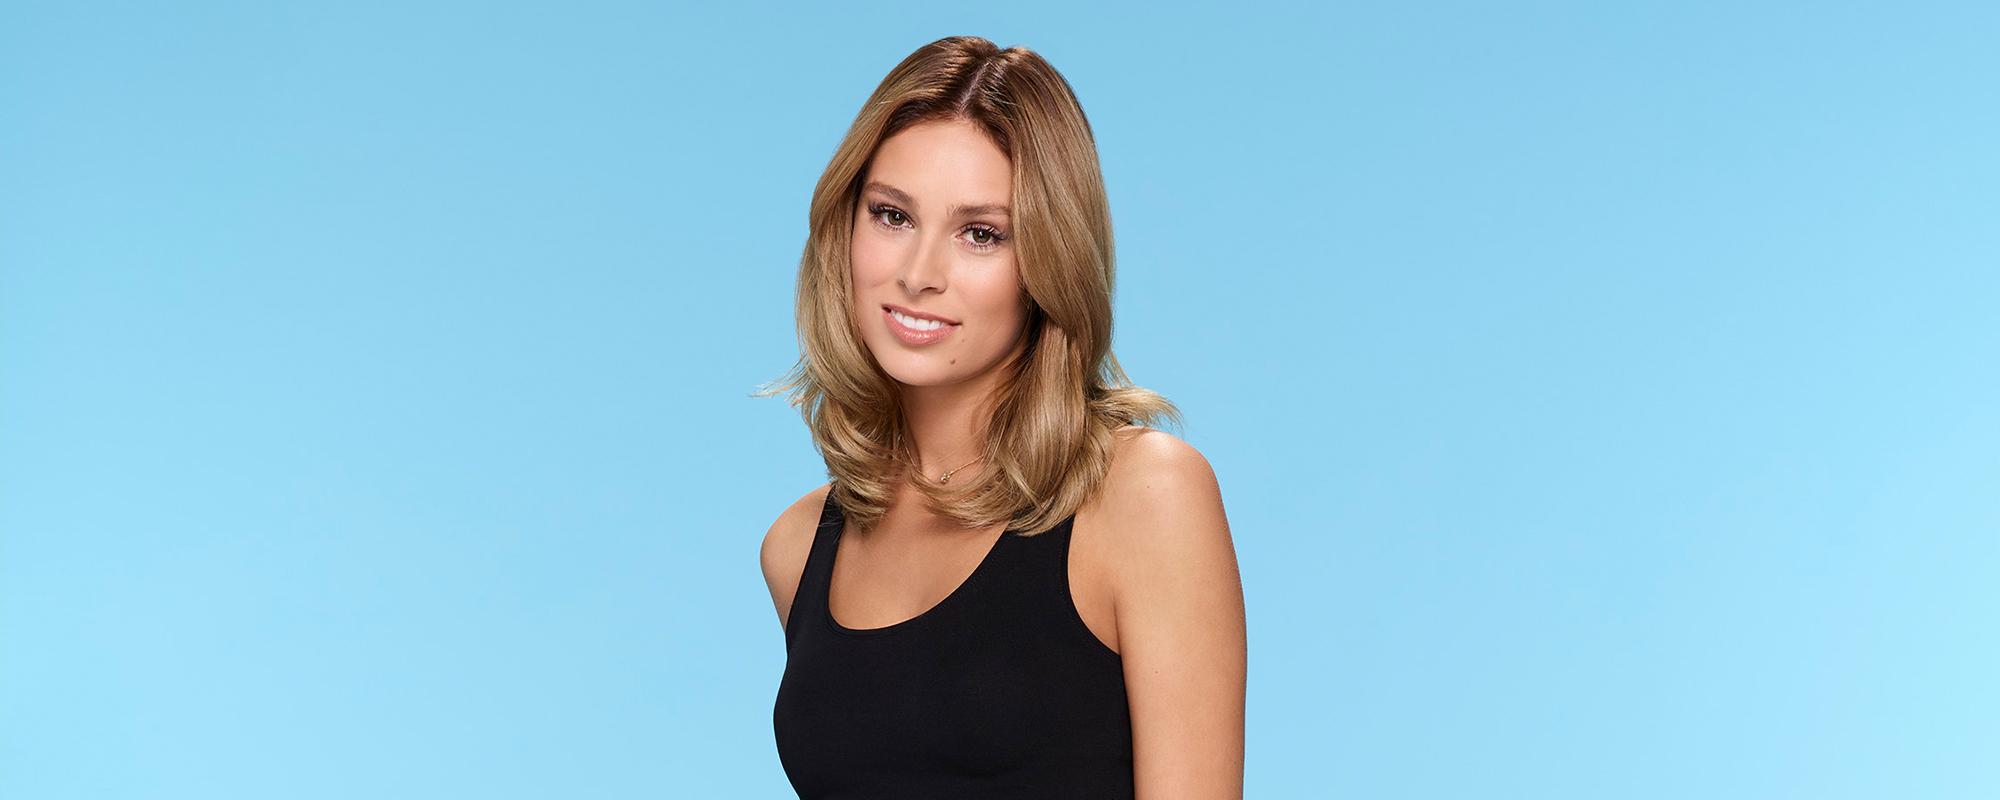 Elizabeth, 24, Marketing Manager, Dallas, TX